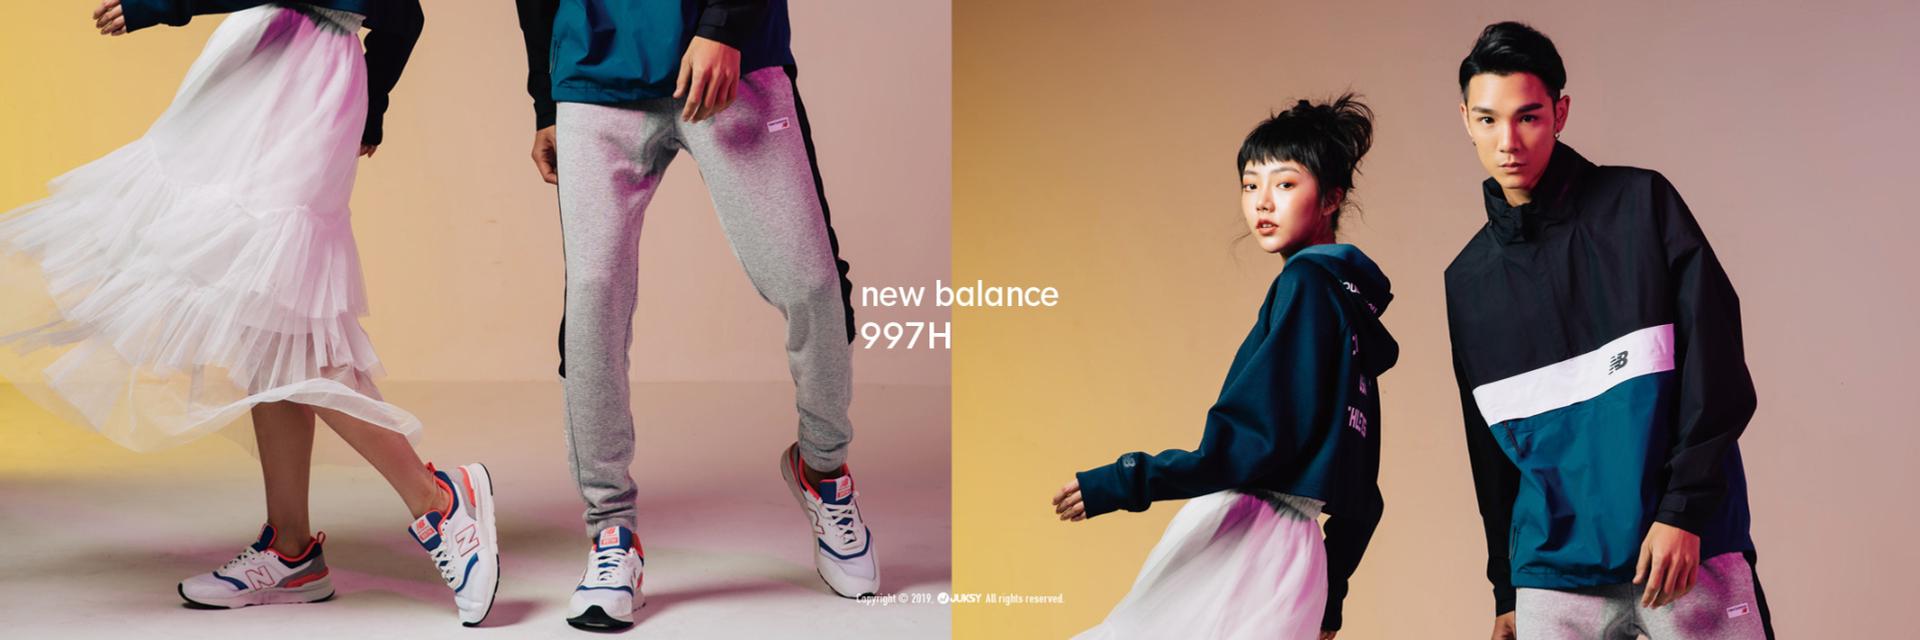 【無所畏 你的穿搭我來控!】  看金承和李柔搭配時下最夯 #997H  #數字潮鞋